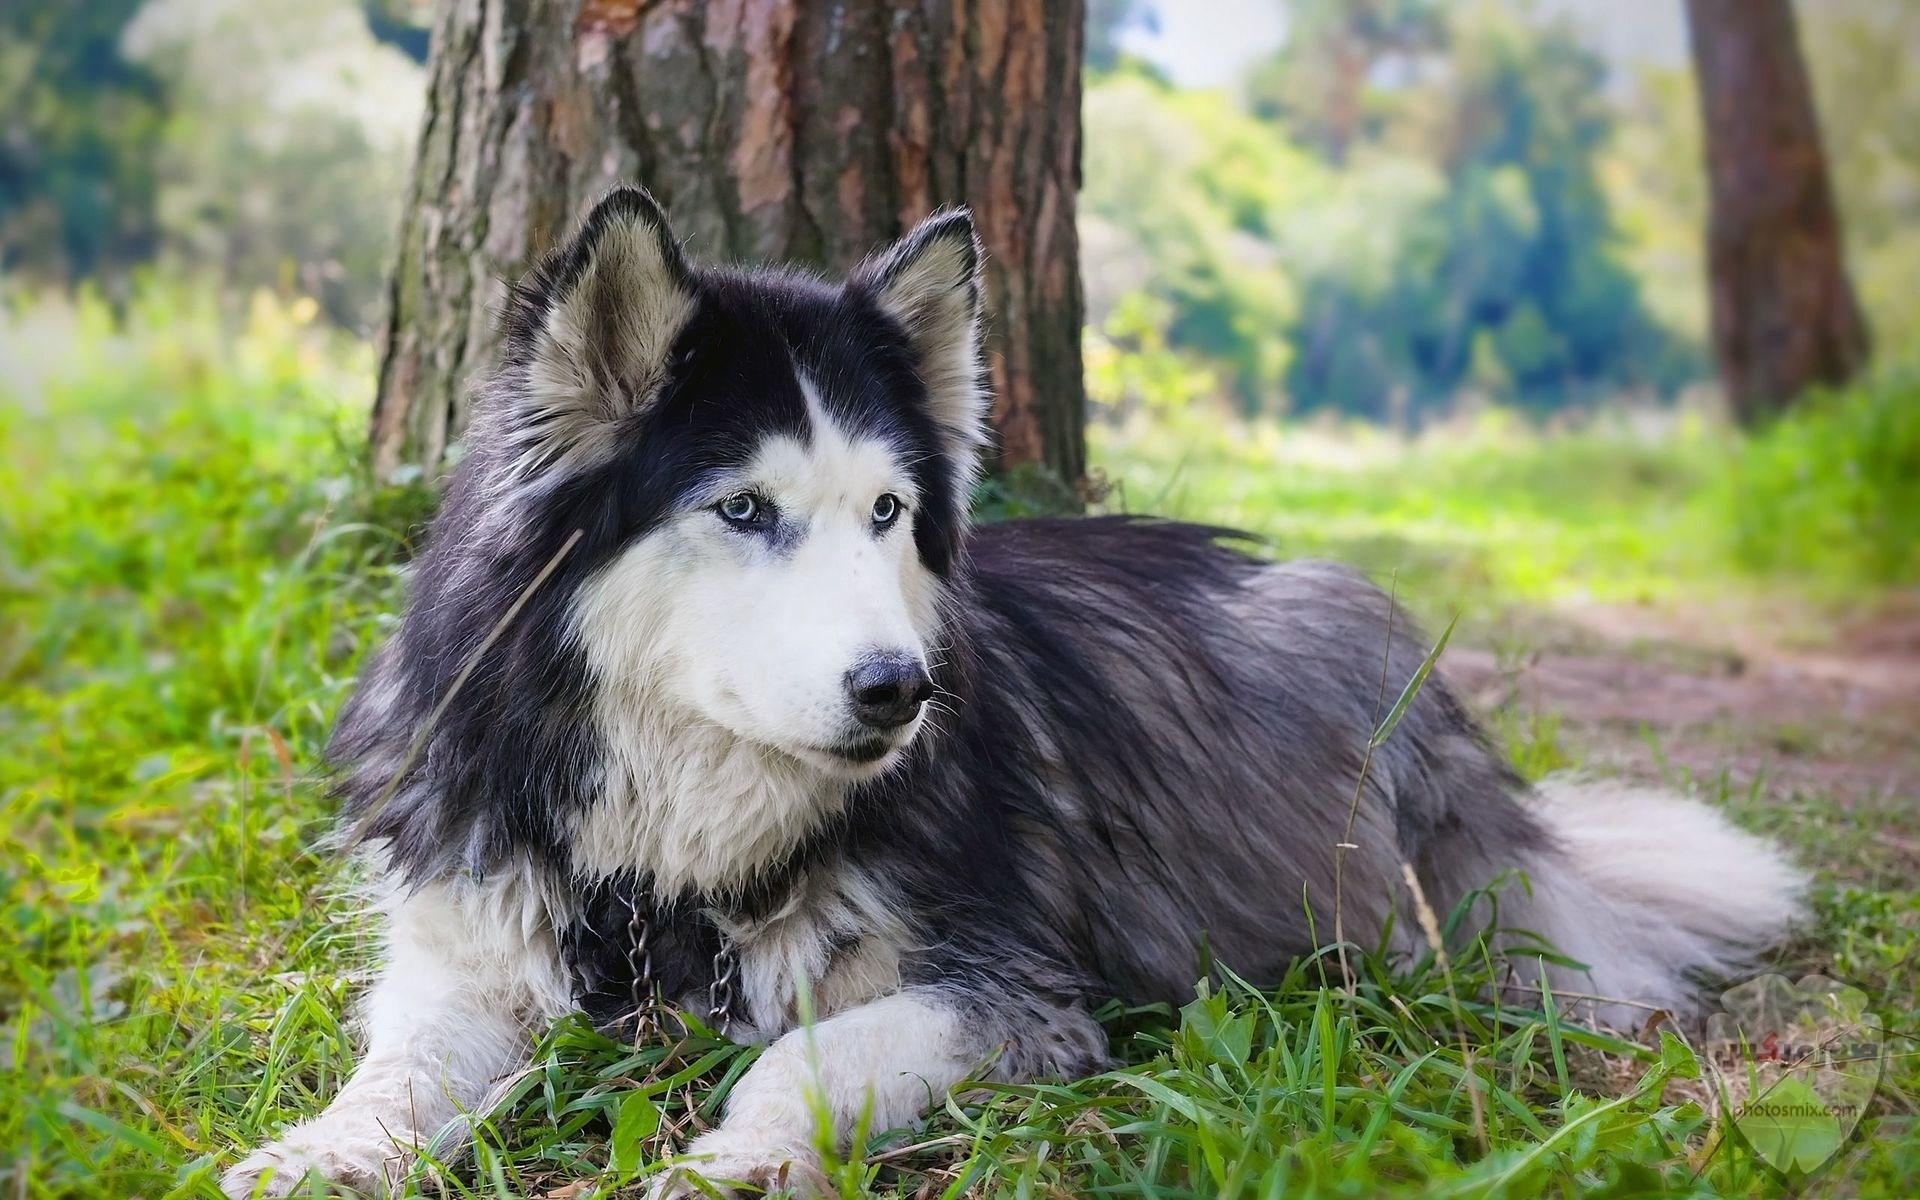 صور رمزيات خلفيات كلاب كيوت صورة كلب كيوت جدا 15